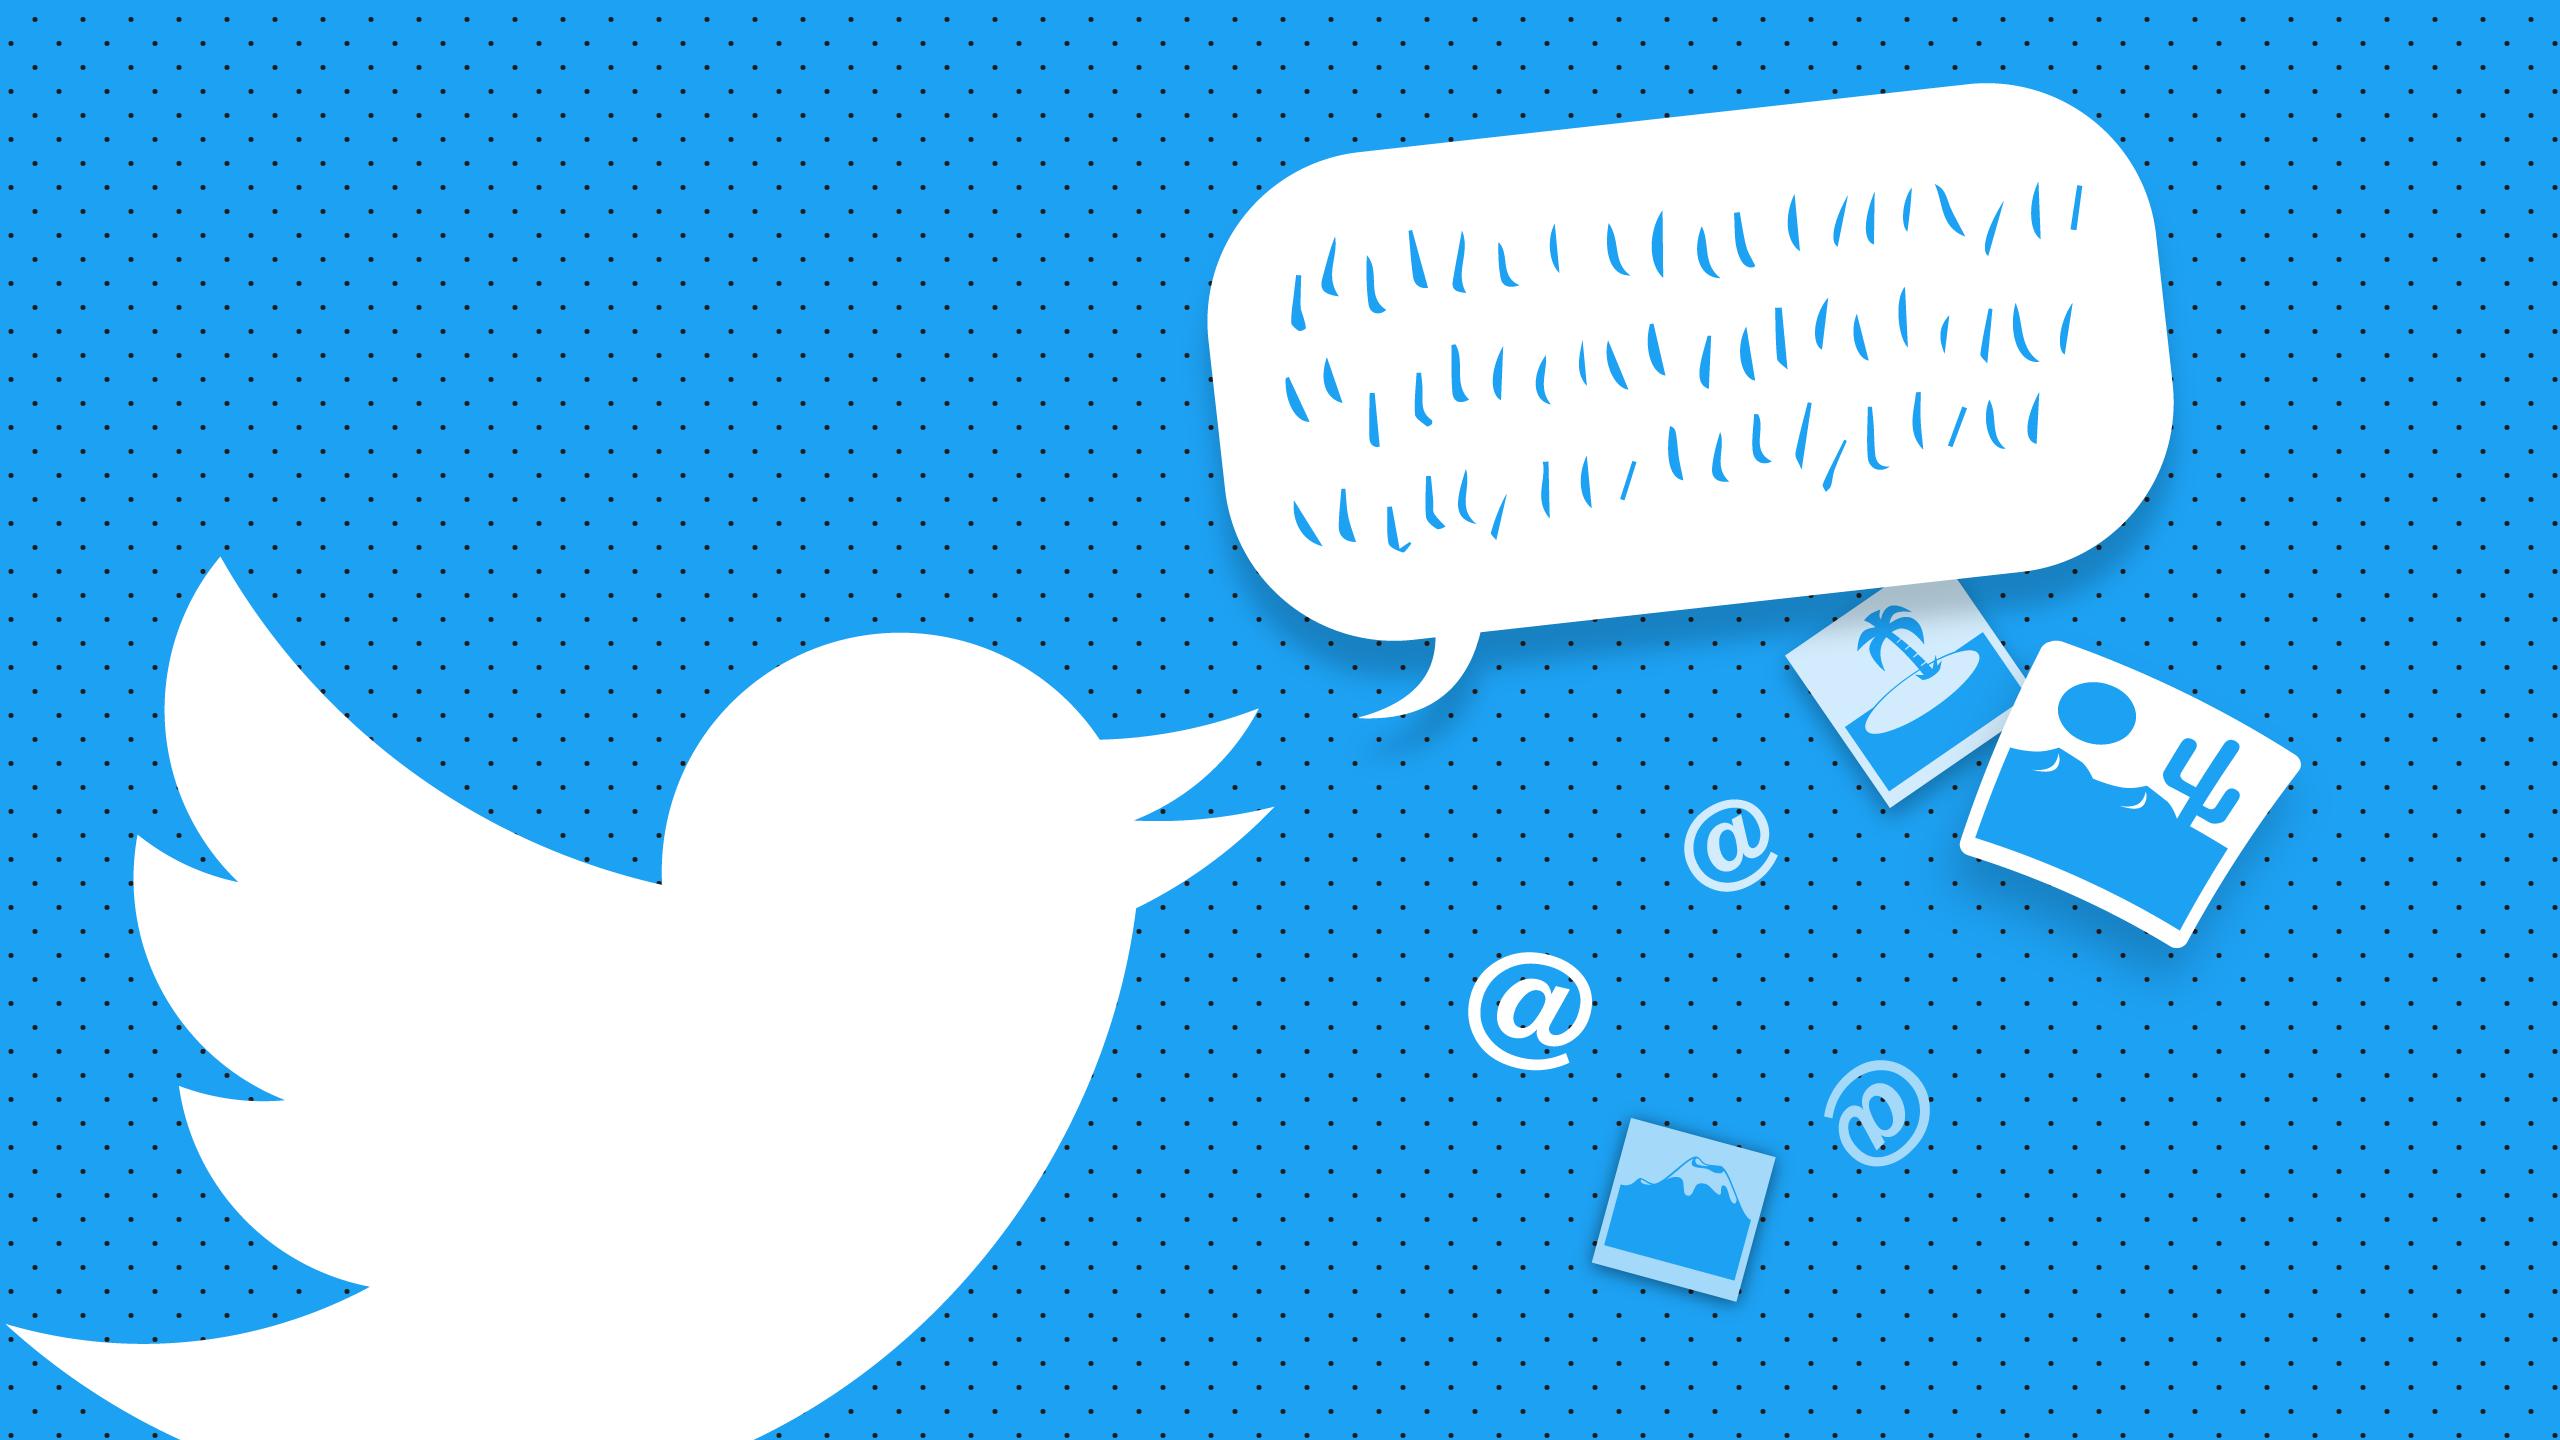 تويتر  يعترف: خلل مفاجئ يحول التغريدات الخاصة إلى عامة -